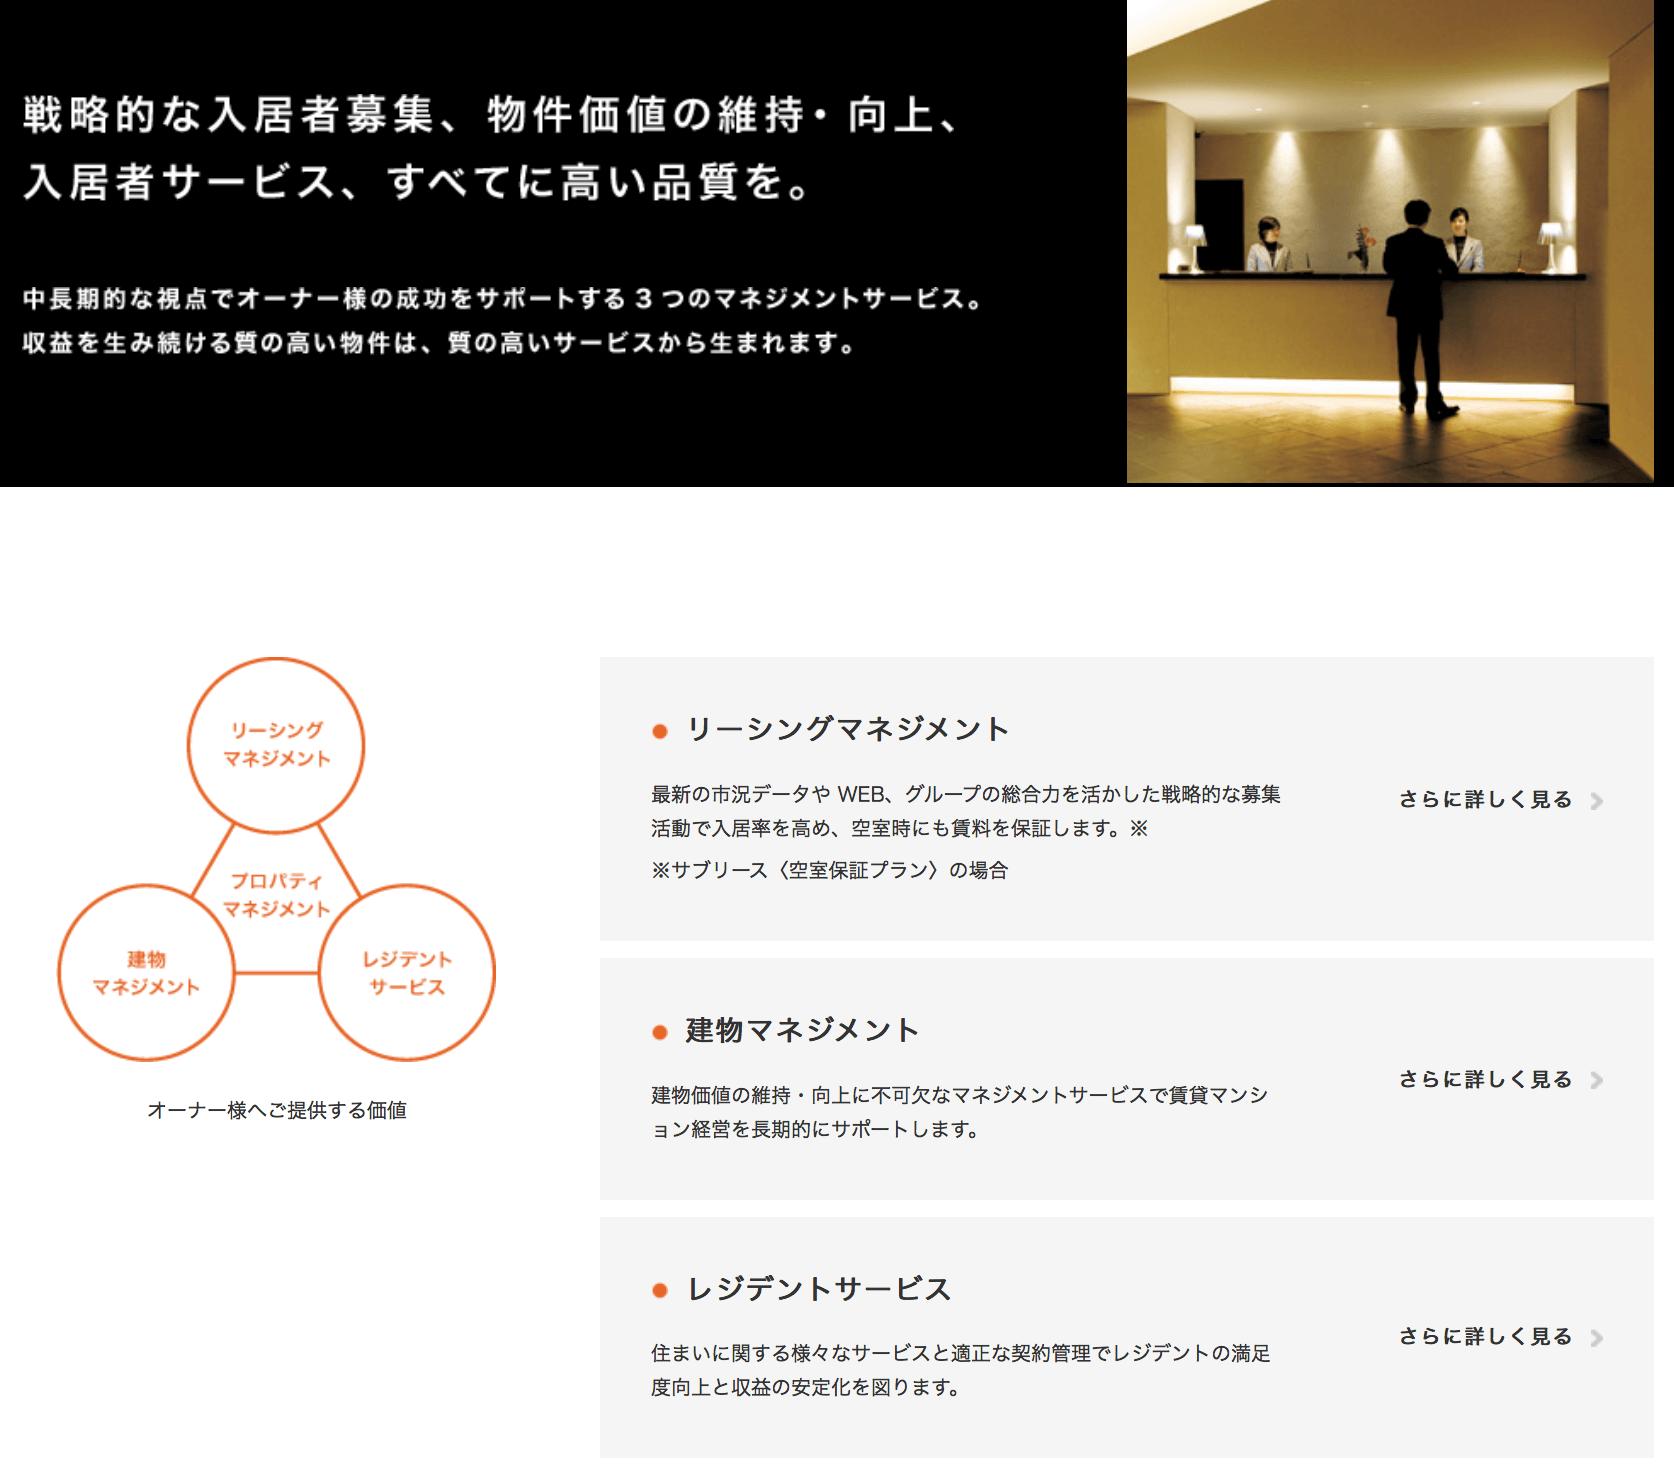 三井不動産レジデンシャルリースの特徴